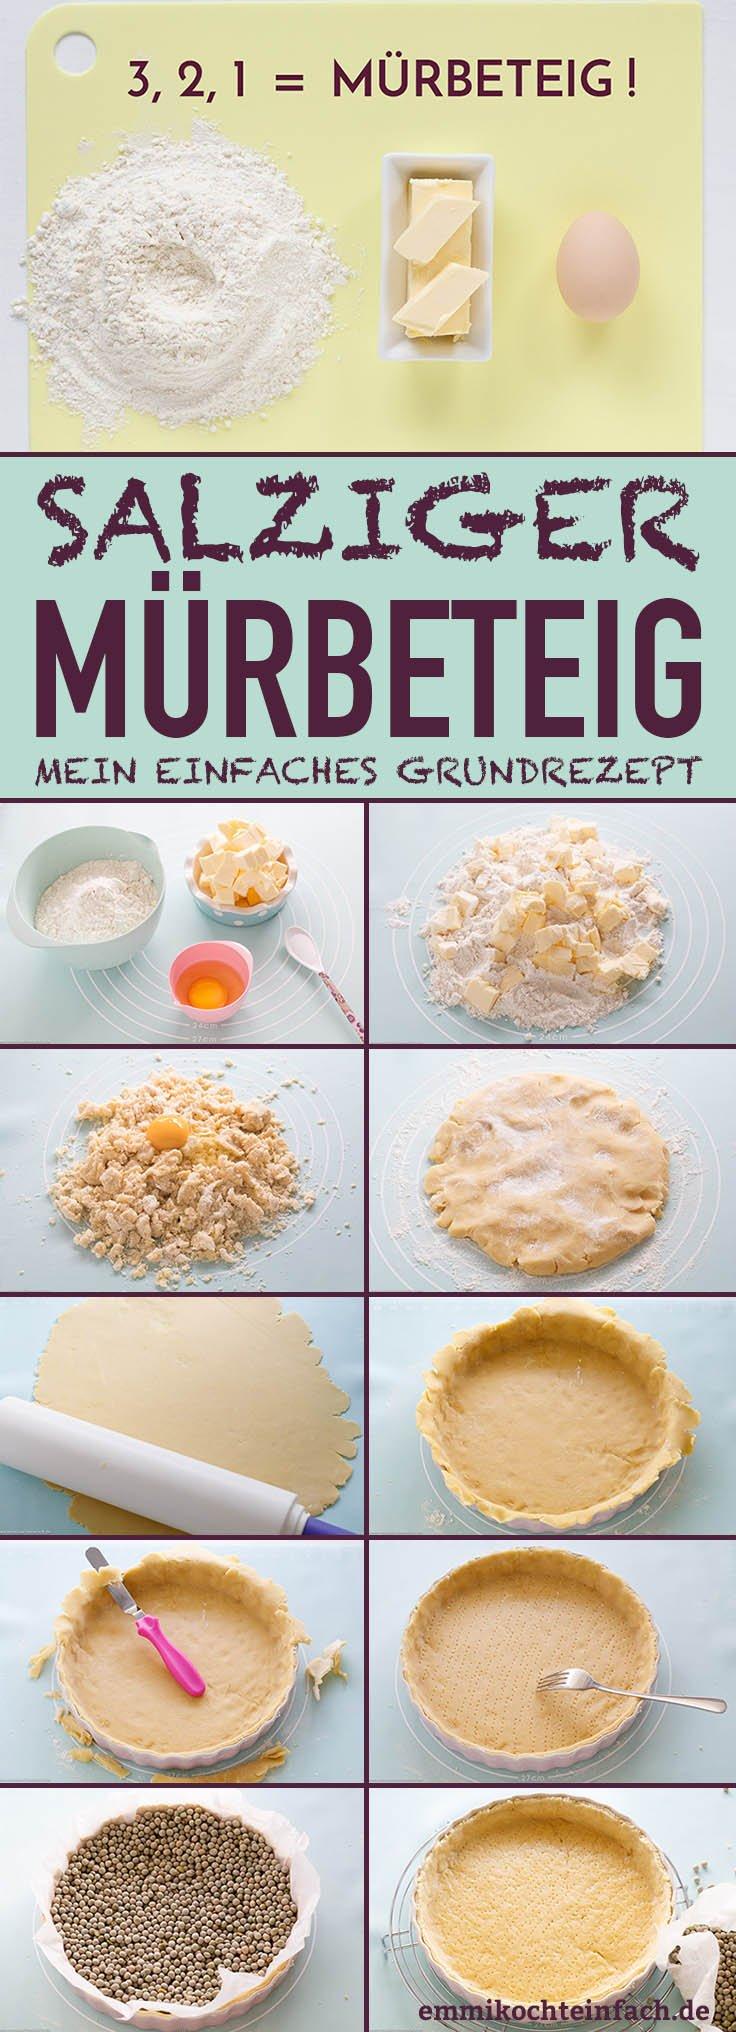 Salziger Mürbeteig - www.emmikochteinfach.de